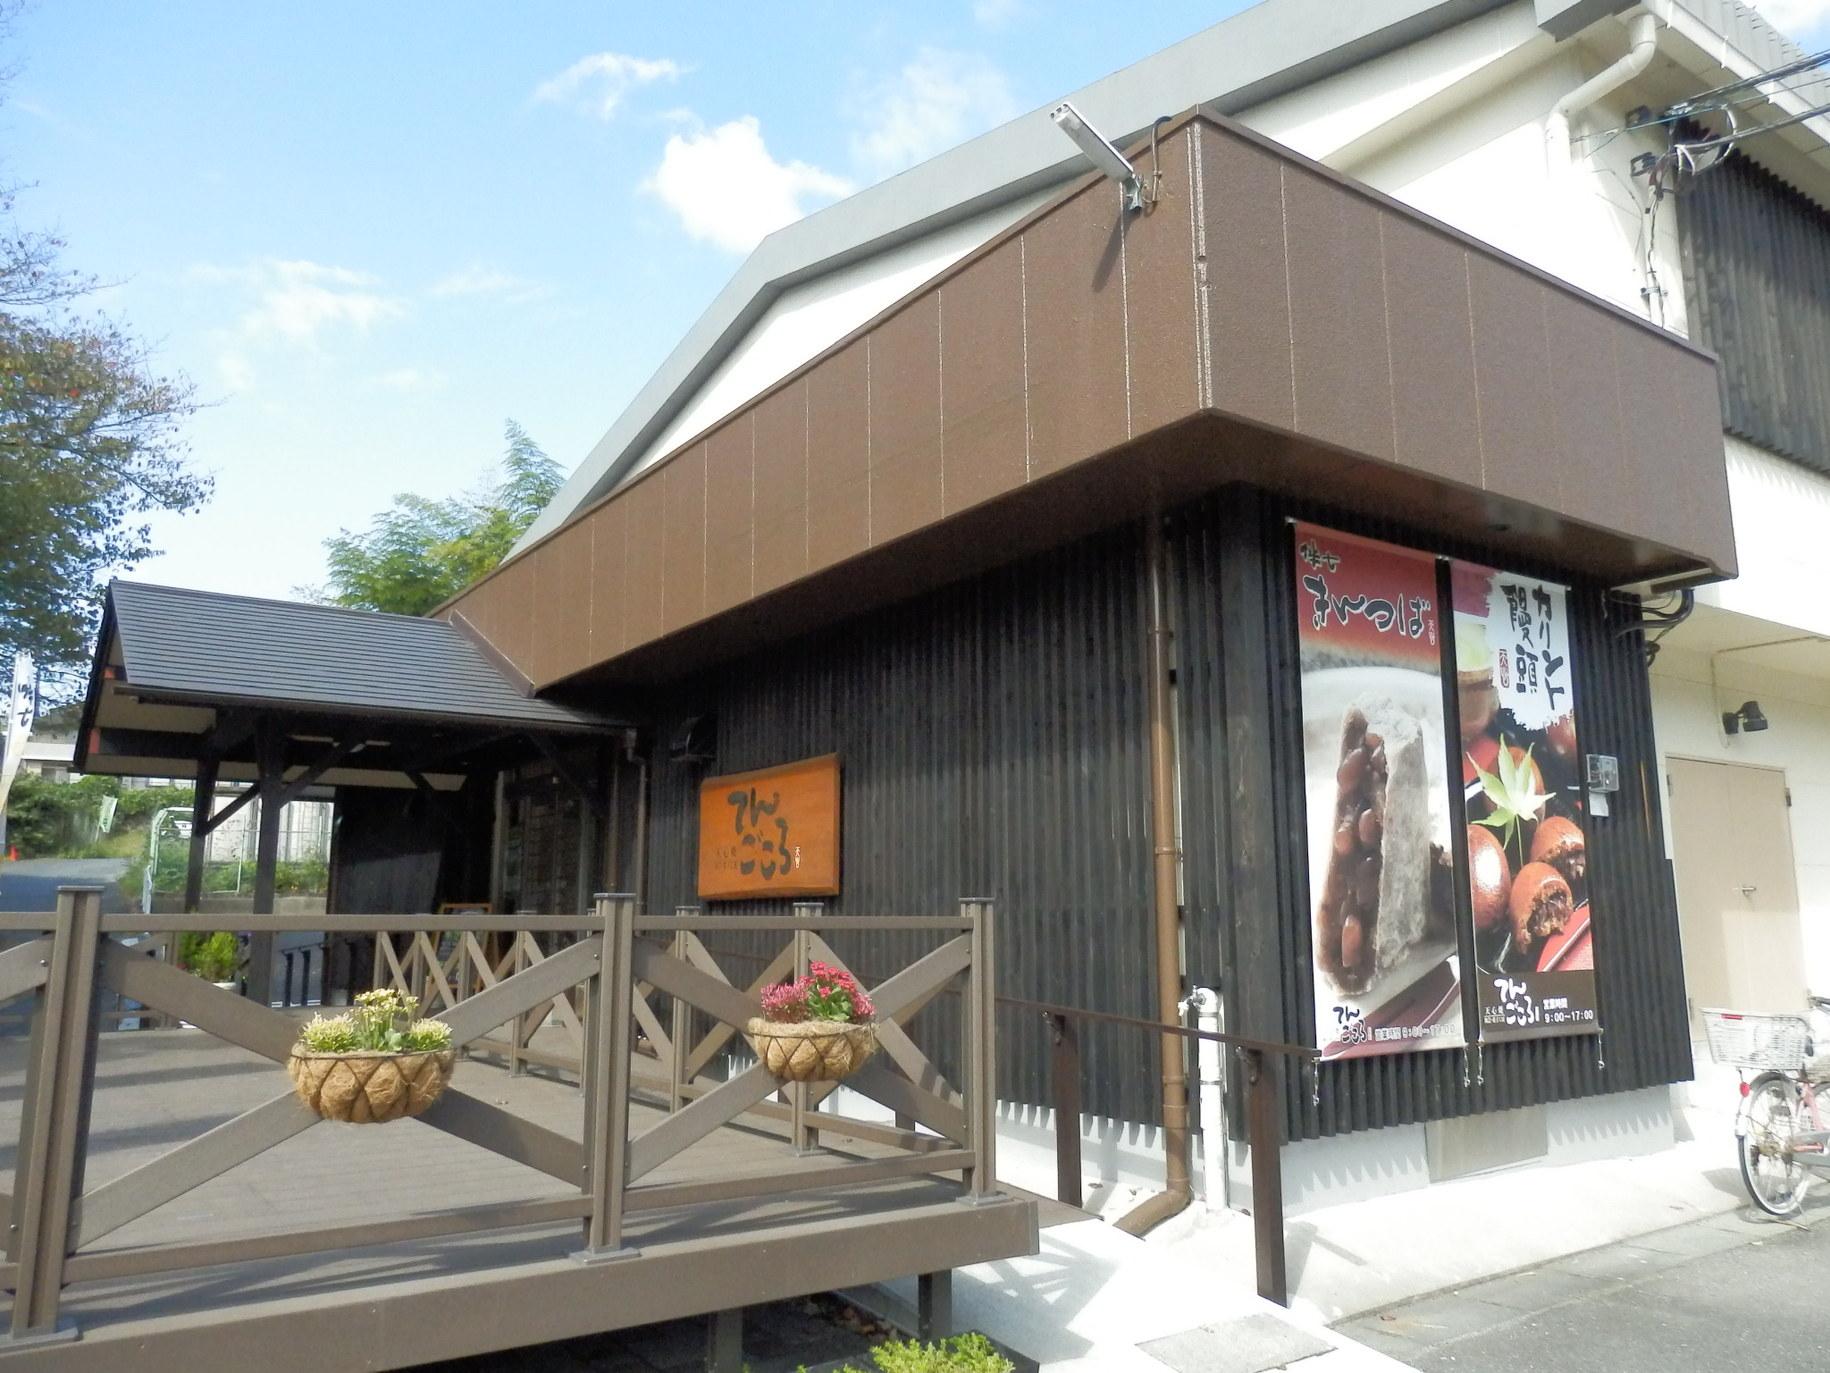 写真が豊富で選びやすい!北茨城市のカフェ・スイーツグルメ ...